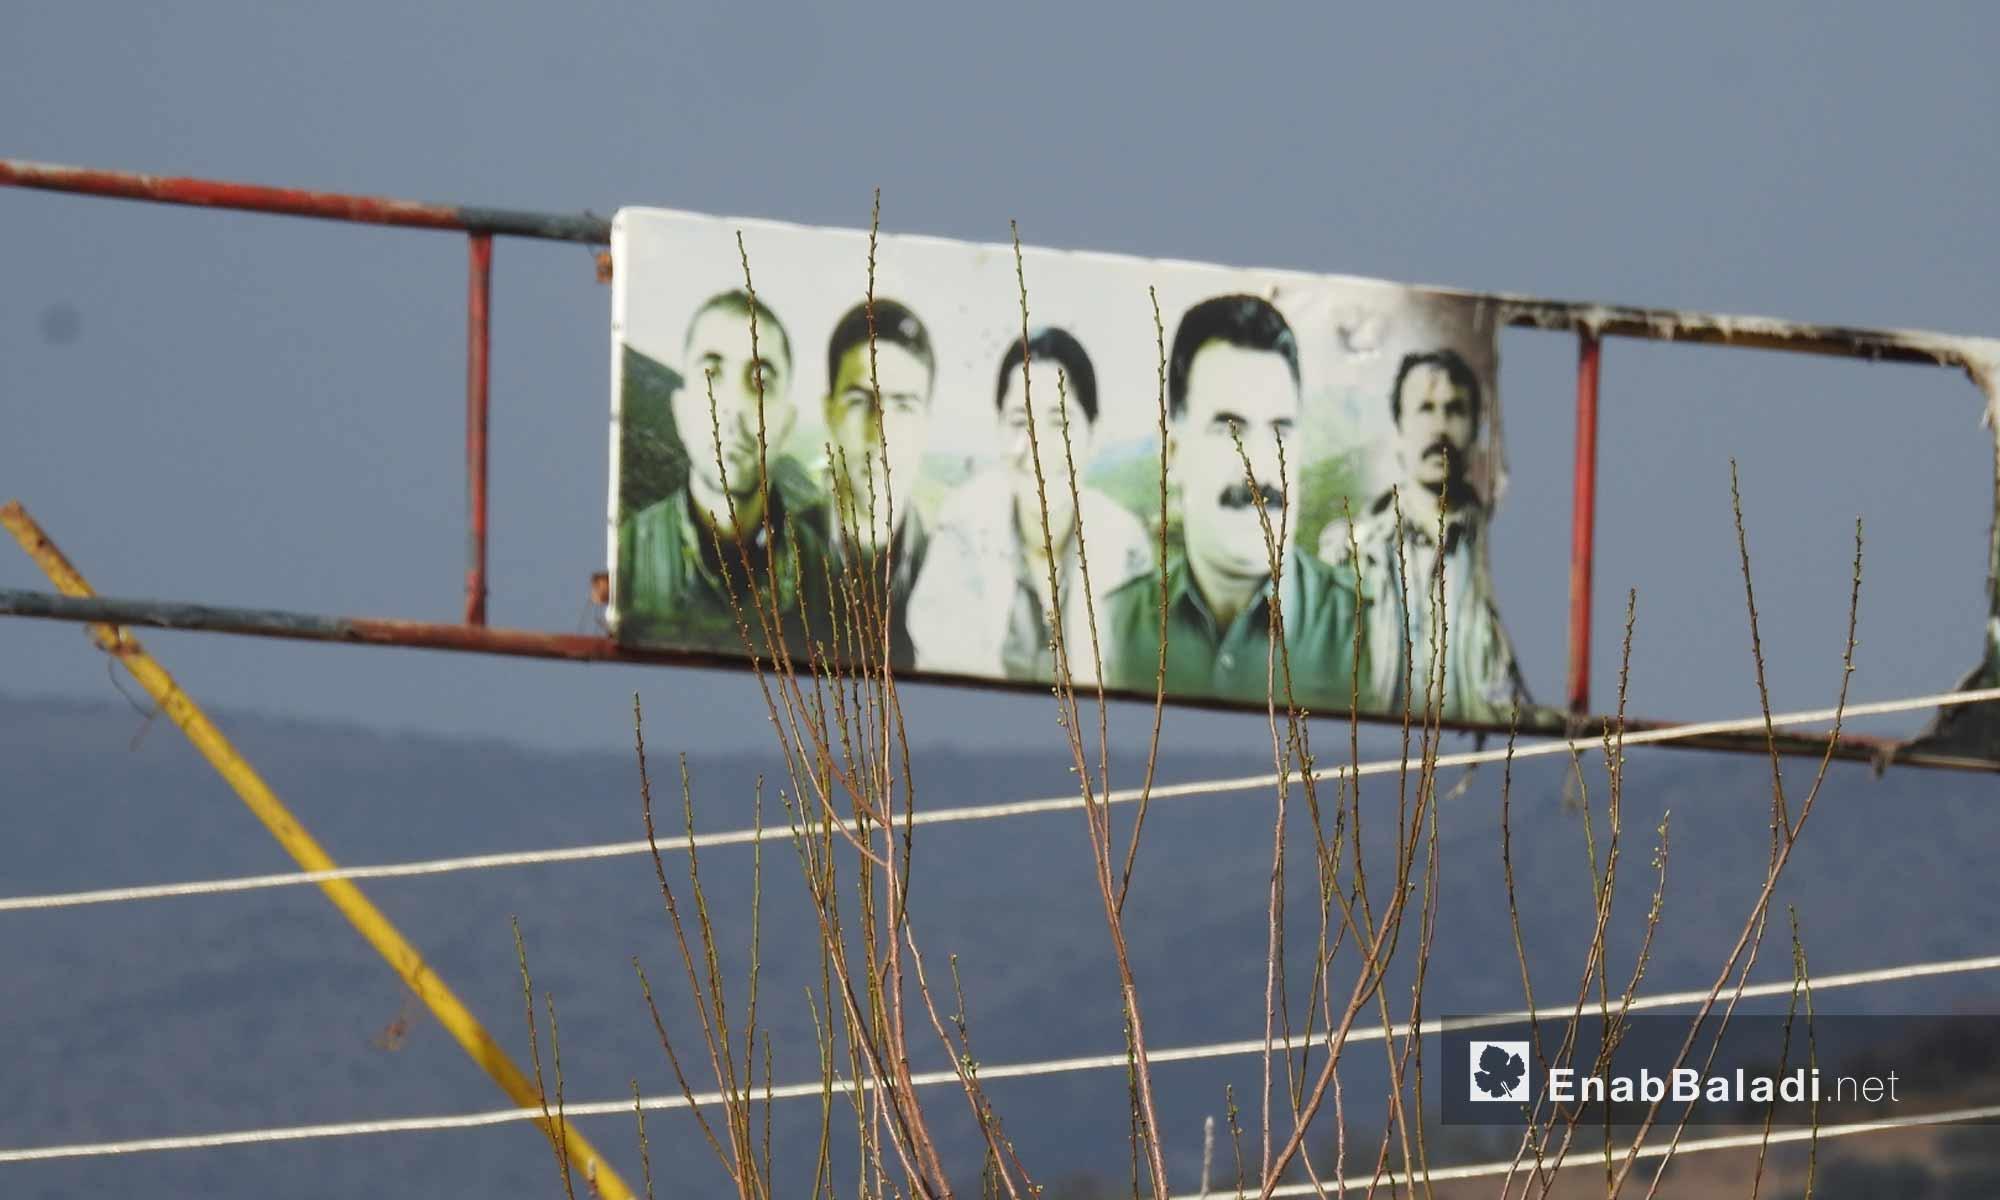 صورة تضم عبد الله أوجلان وعدد من قياديي حزب الاتحاد الديمقراطي في محيط عفرين - 5 آذار 2018 (عنب بلدي)